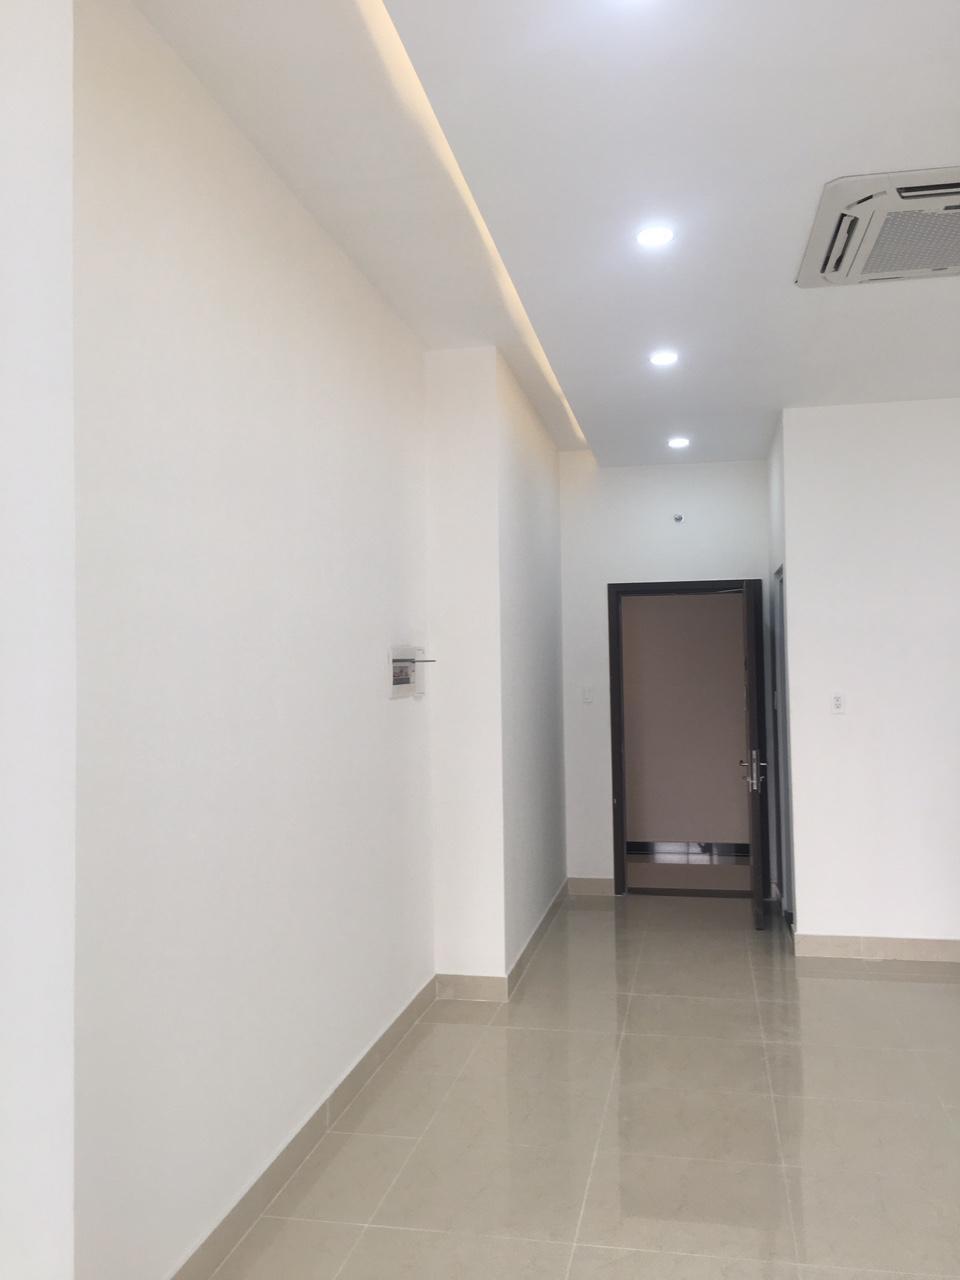 D227444 - Sun Avenue - 1 bedroom